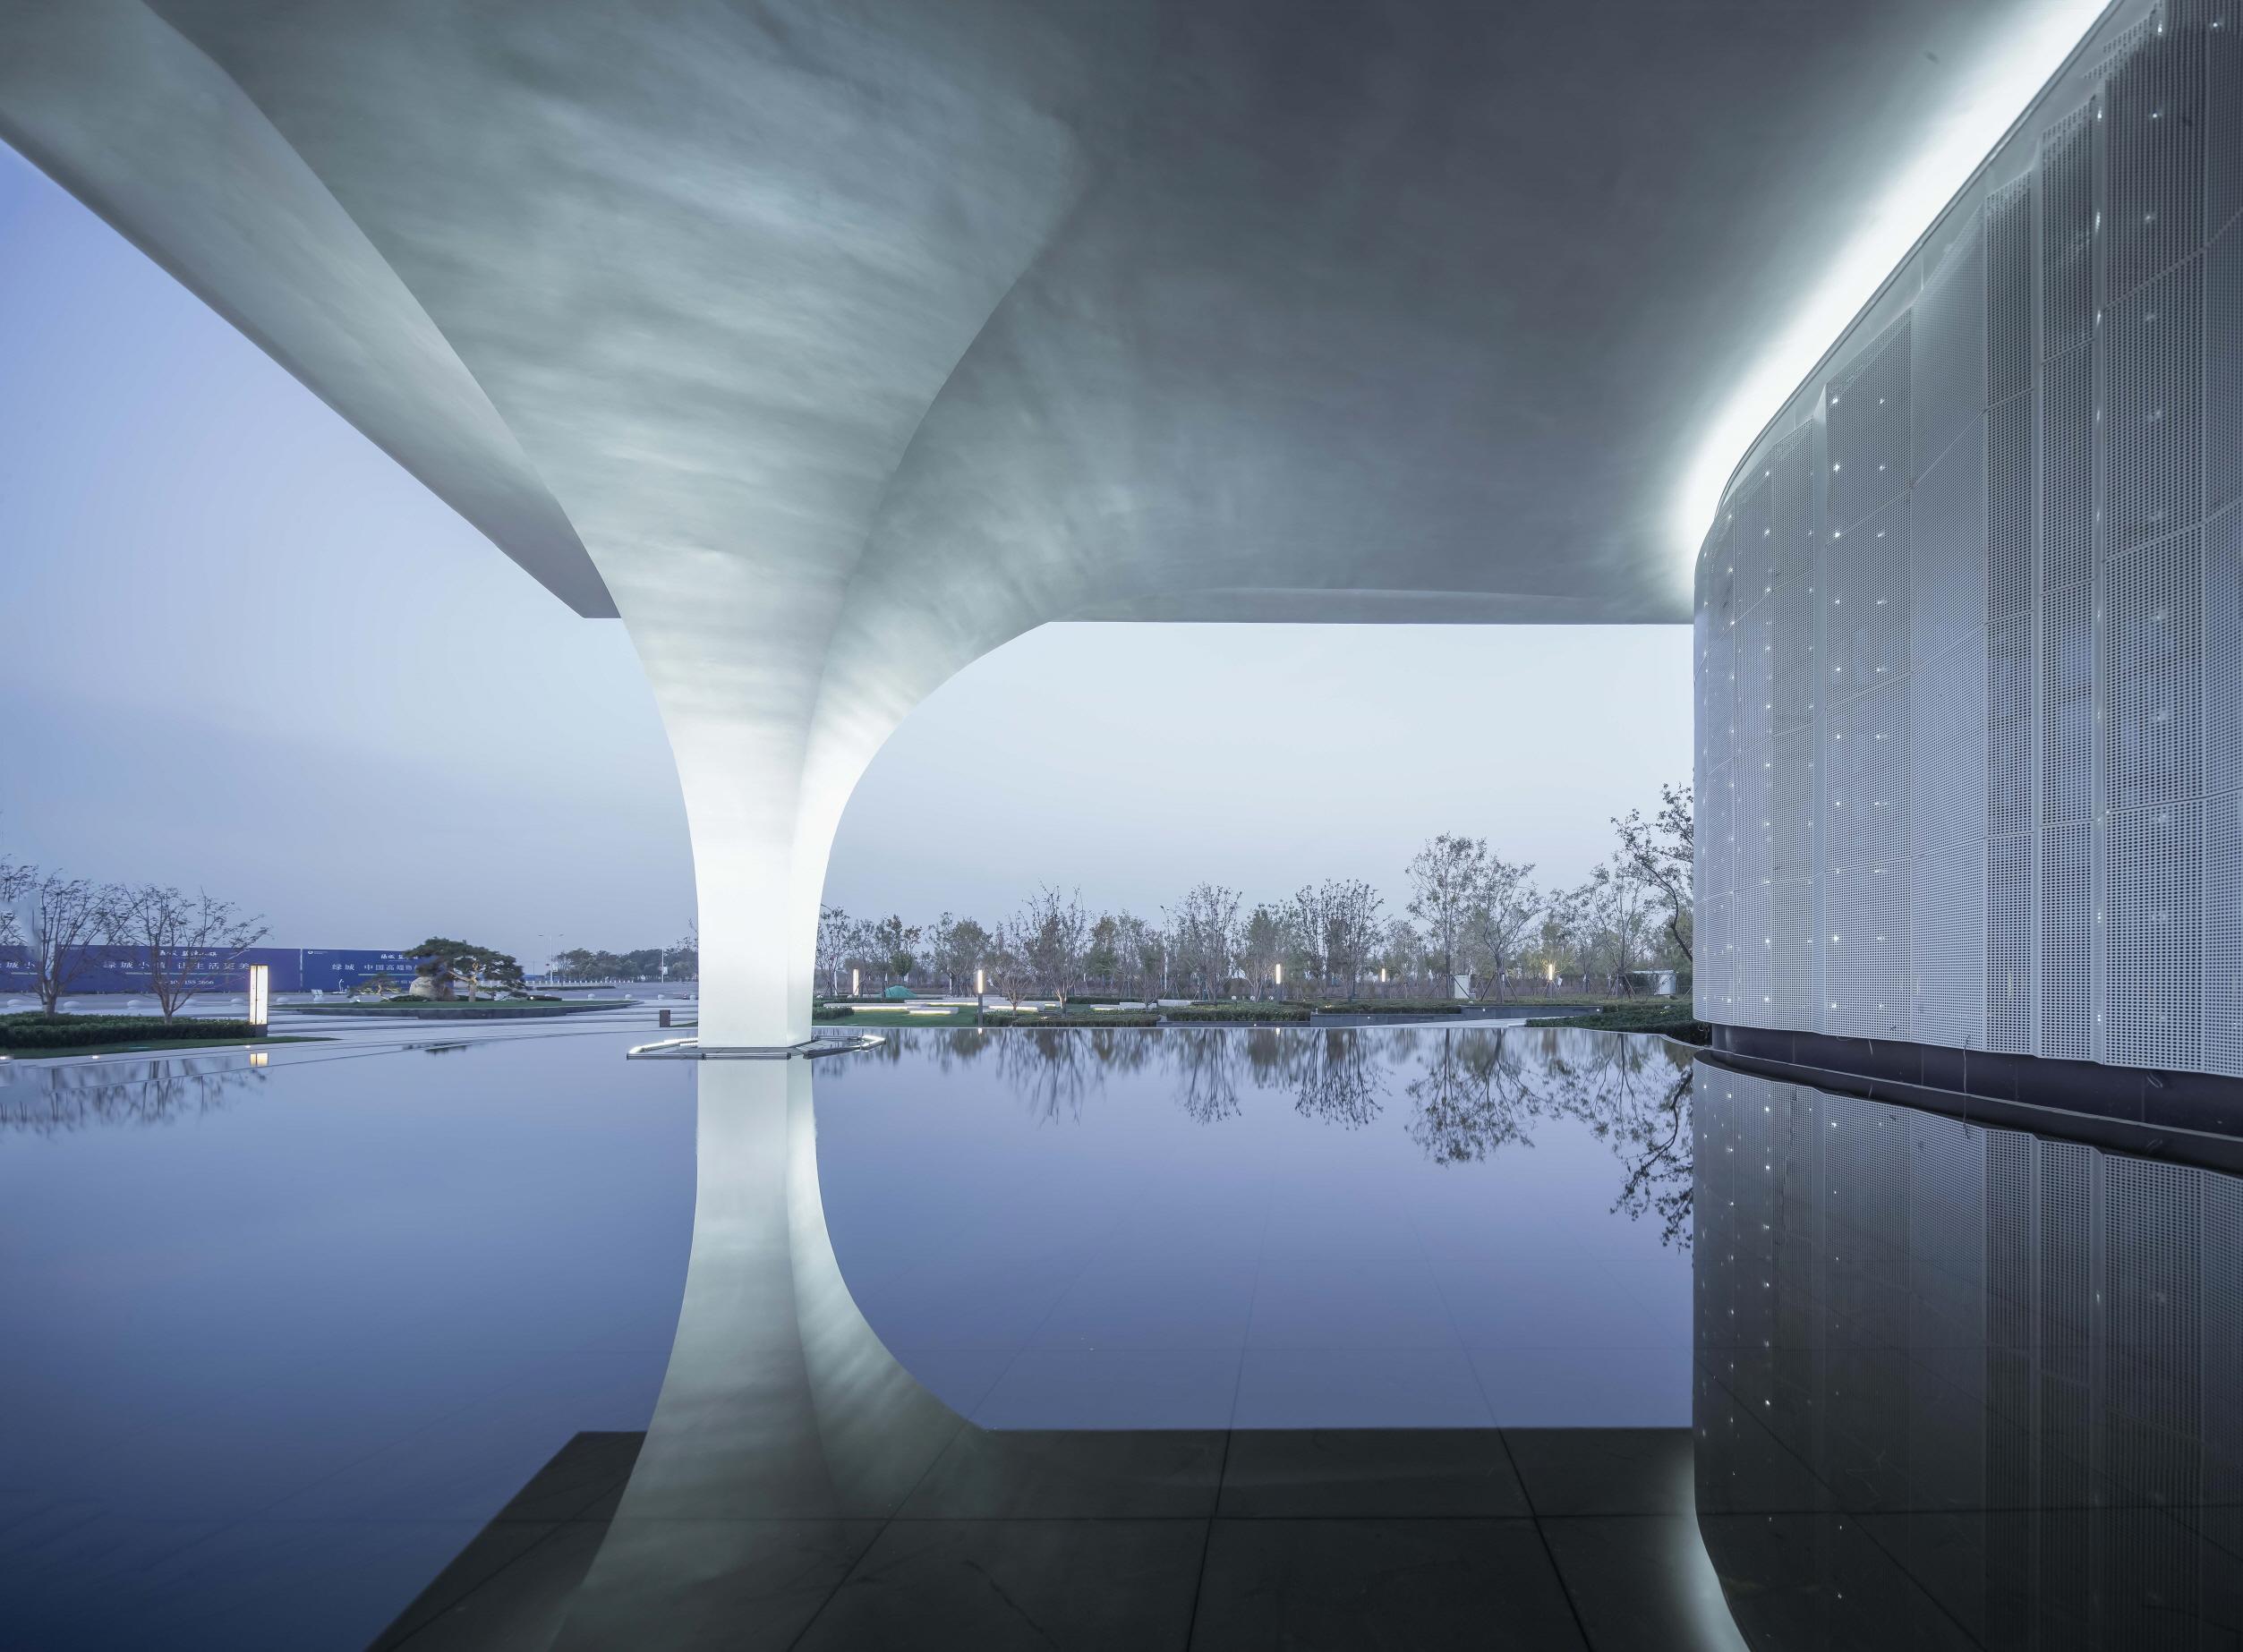 〔안정원의 디자인 칼럼〕유기적인 매스로 볼륨감 있게 구획된 탕산 블루베이타운 라이프체험관1